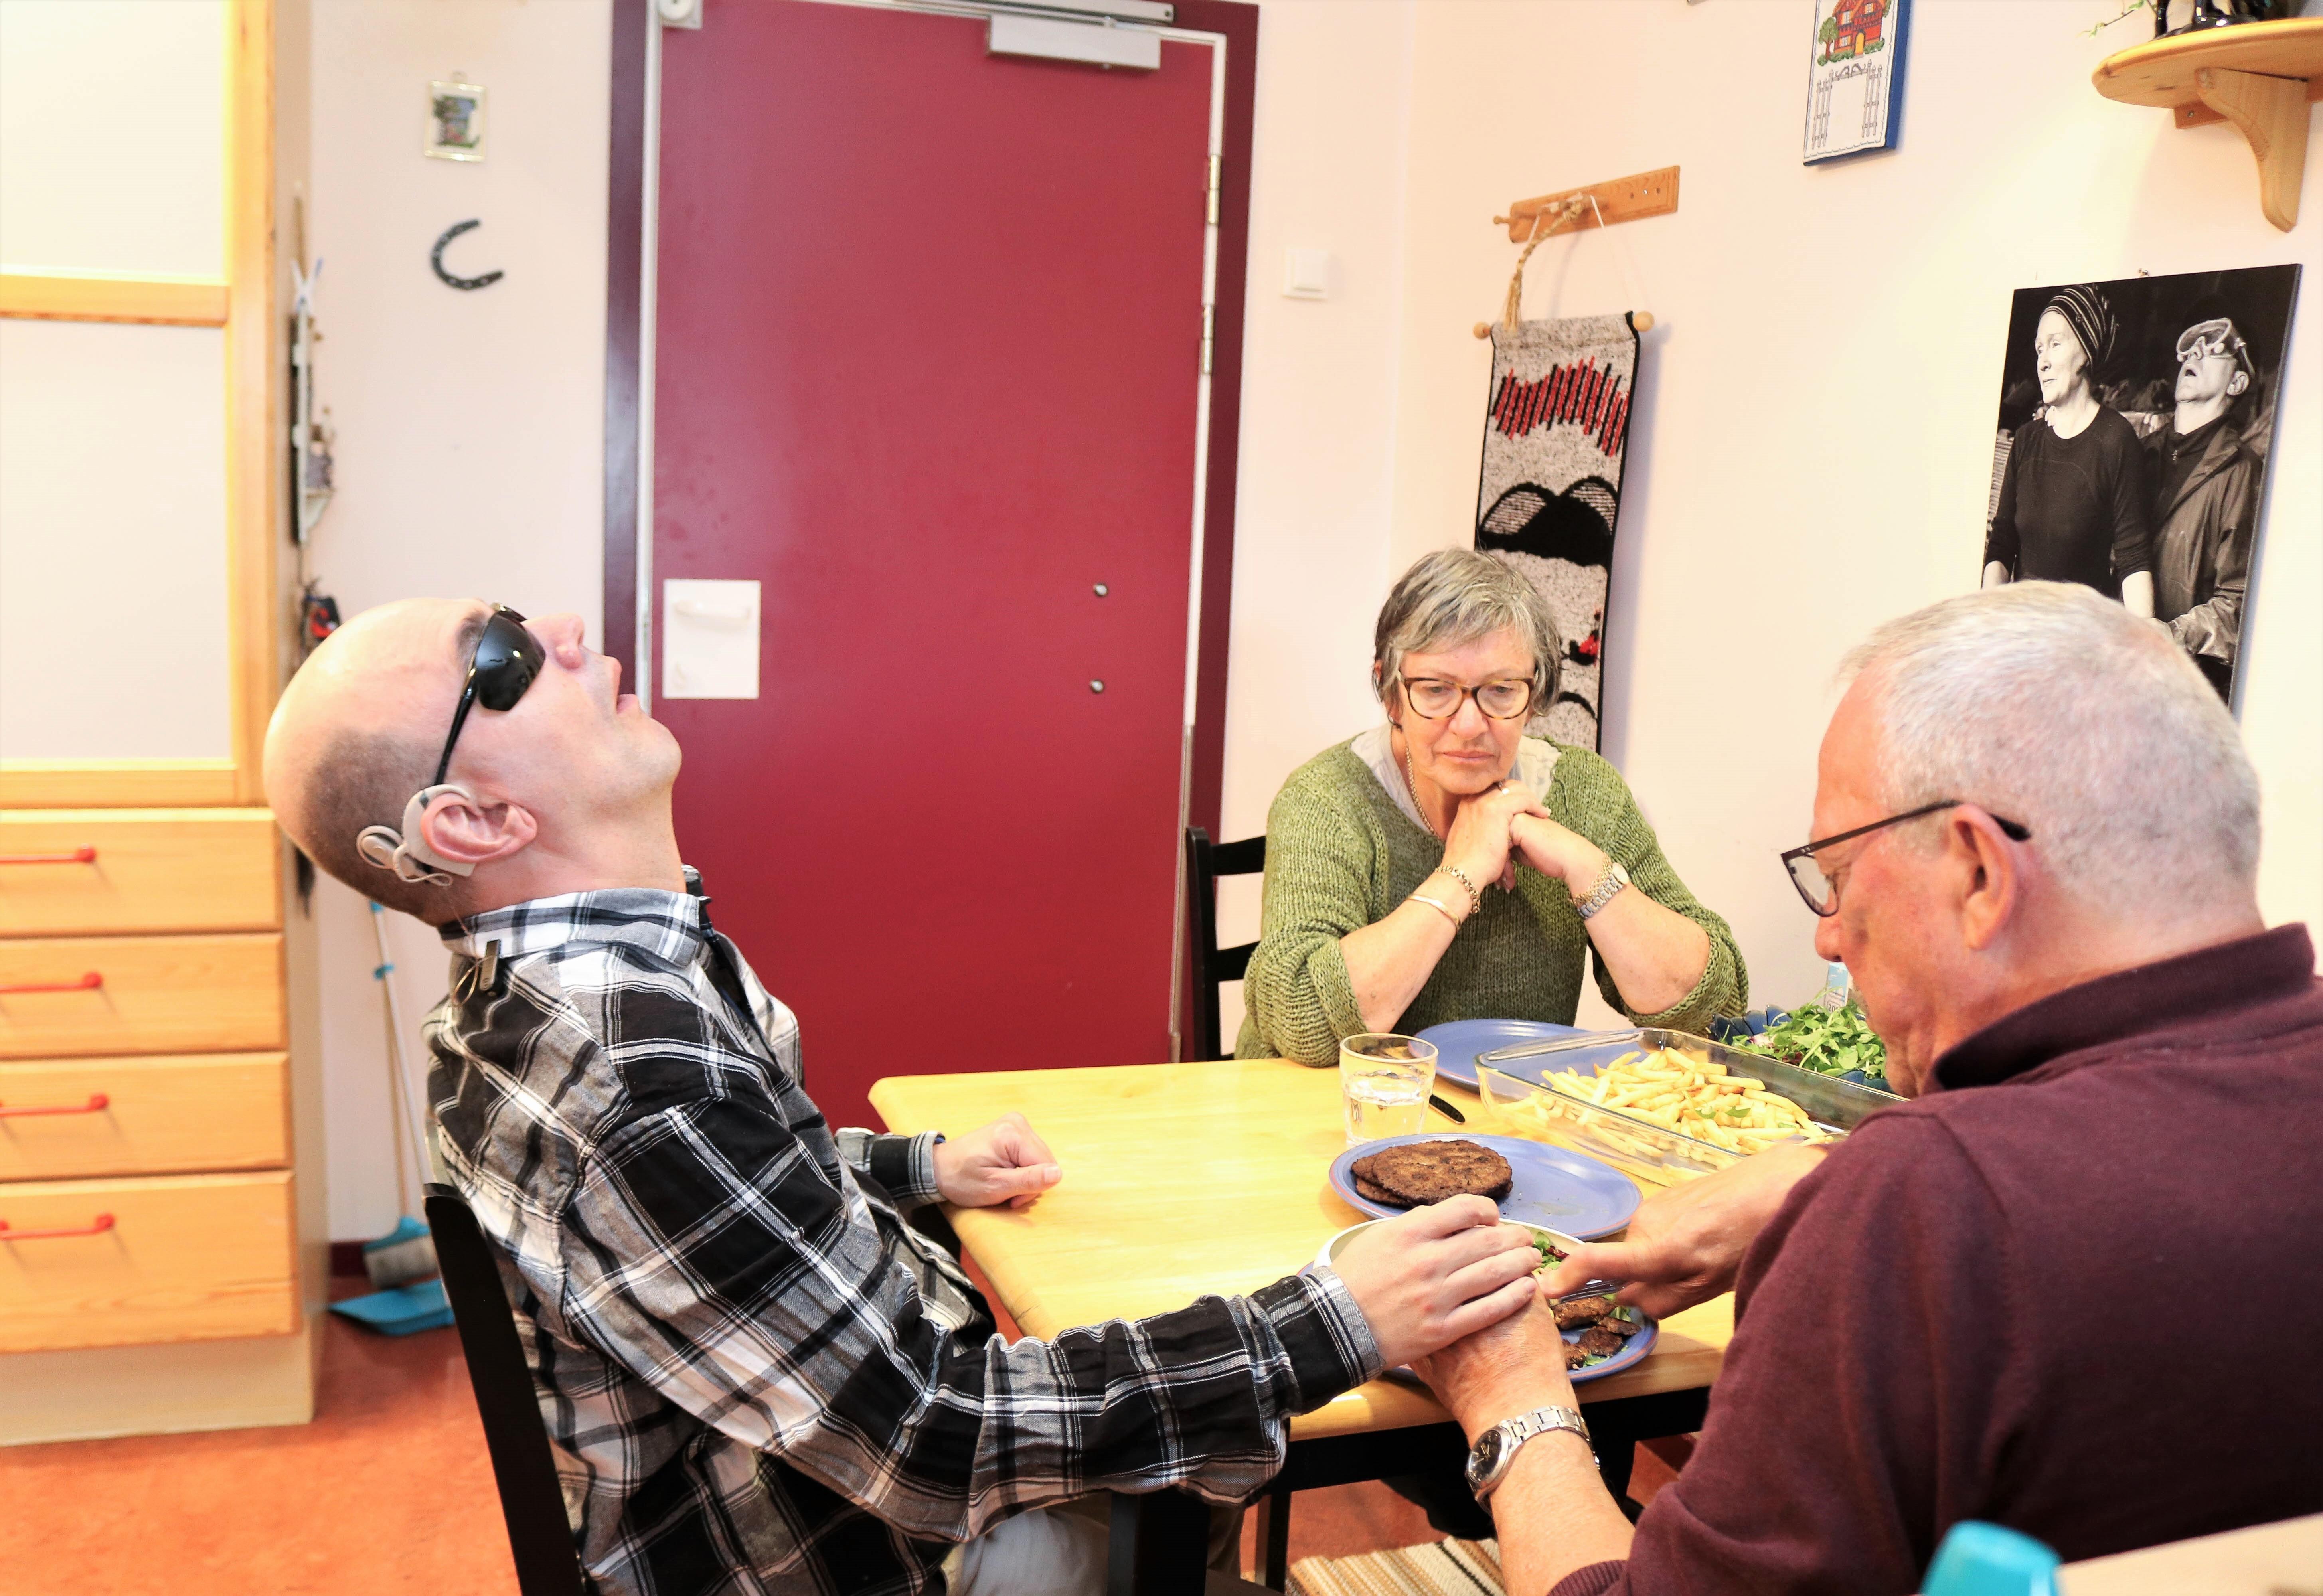 Døvblind mann spiser middag med sine foreldre, far til høyre og mor til venstre.